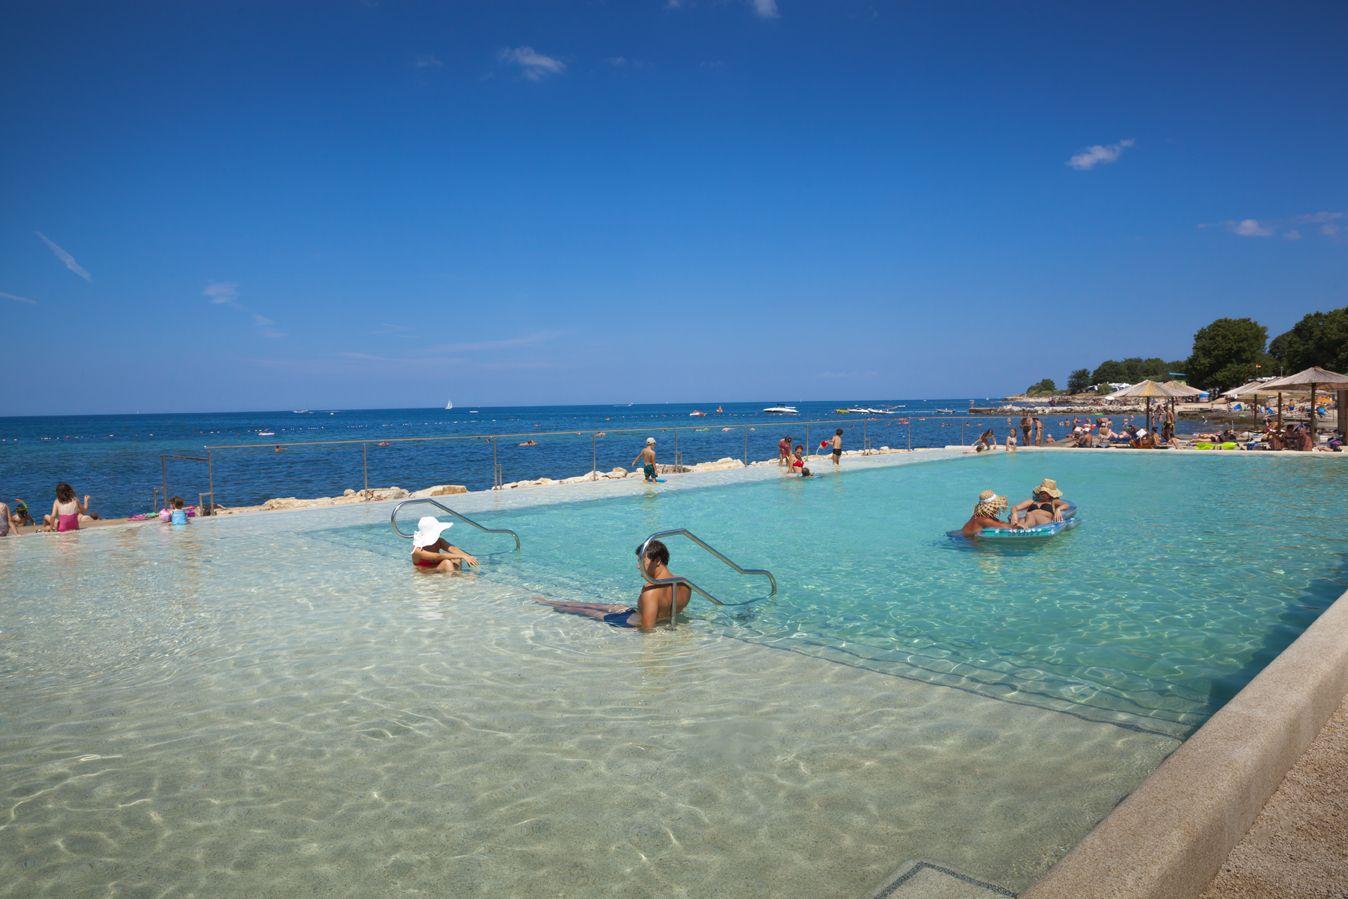 Sea pool at Camping Park Mareda Mareda Novigrad Istria